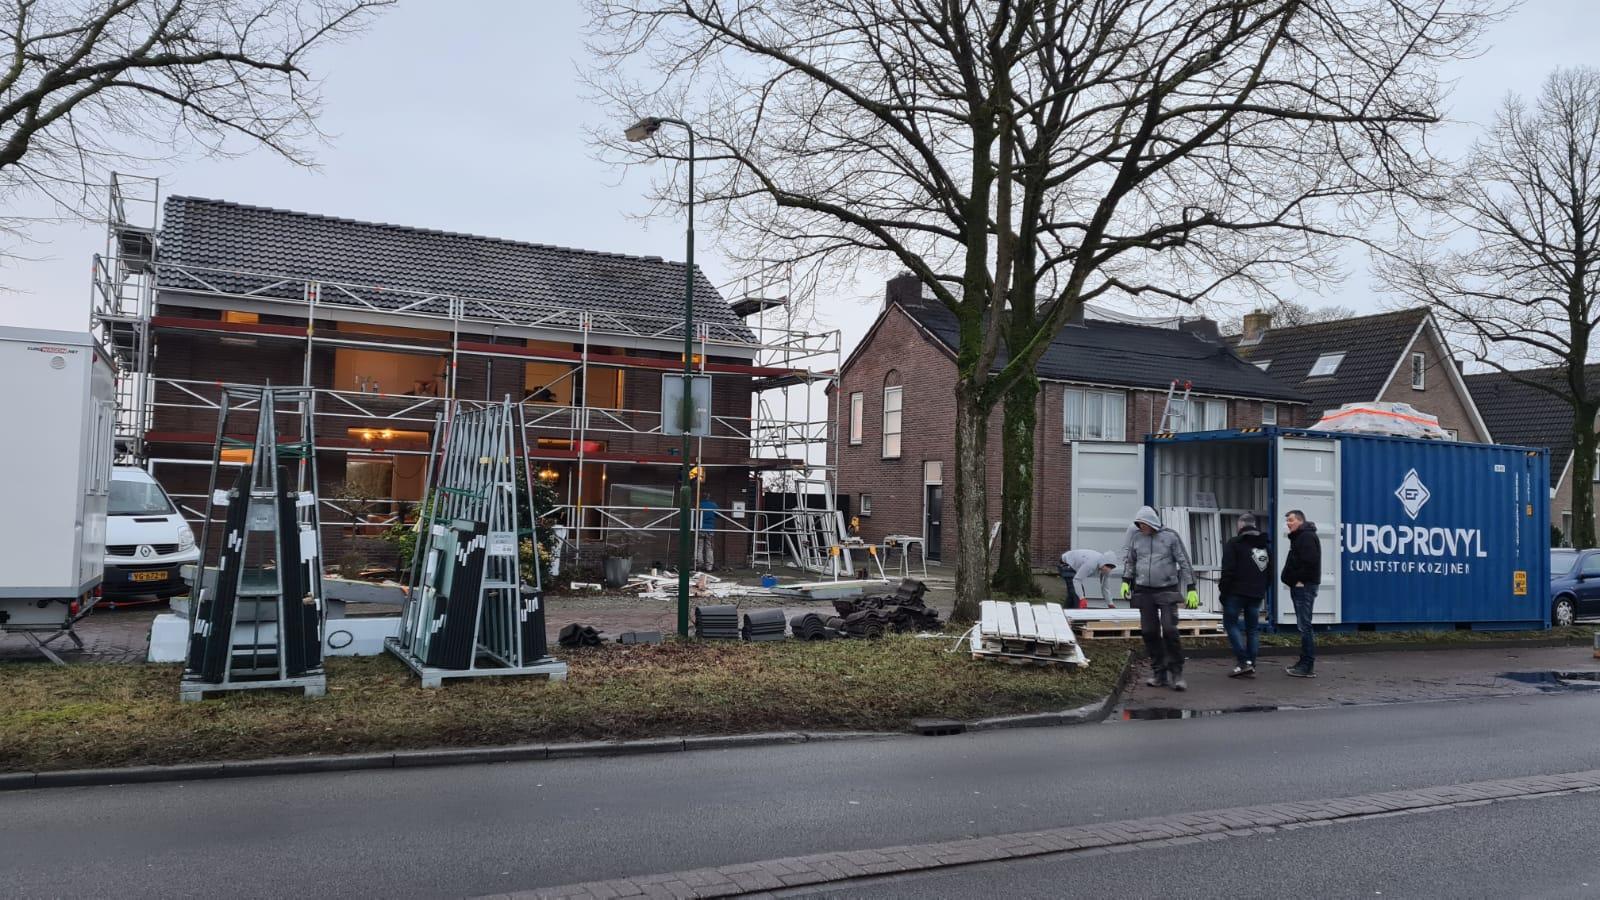 Elst (Utrecht) – Renovatie 16 woningen